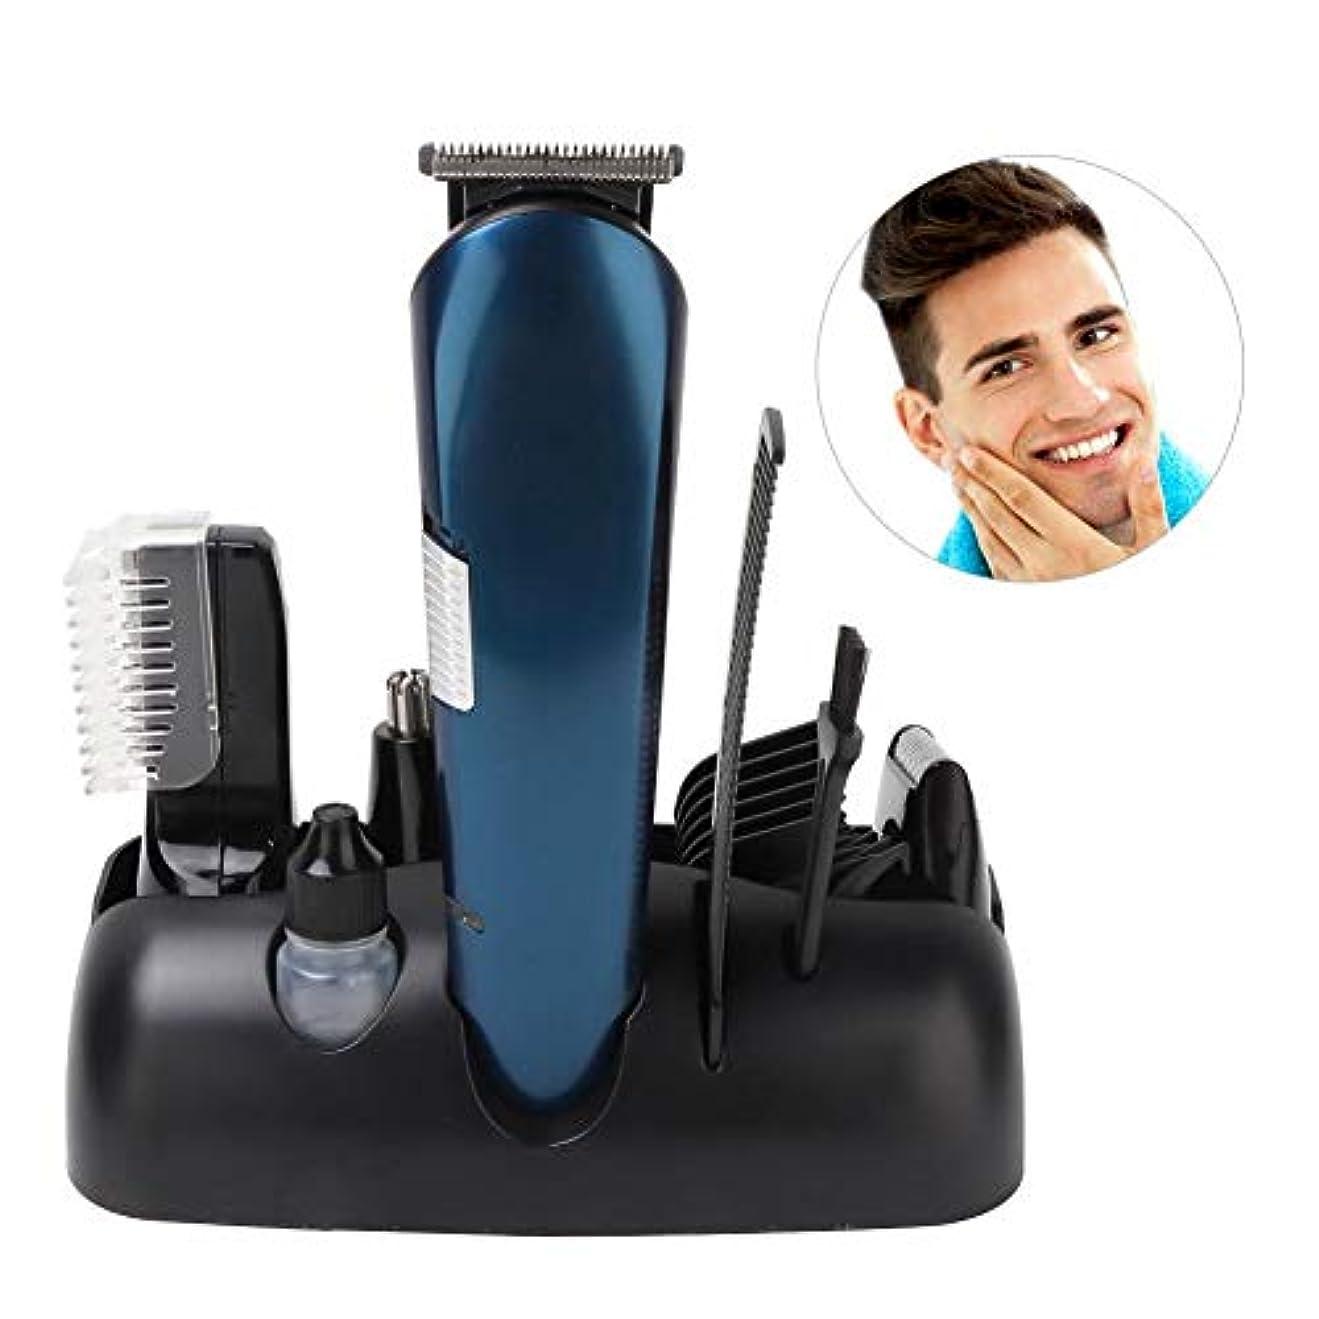 ウェーハシネウィそうでなければ男性用グルーミングキット、鼻毛トリマーを持つ男性用の多機能電動シェービングカミソリ、1本のブラシ、4本の櫛、ひげ剃り、オイルボトルなど